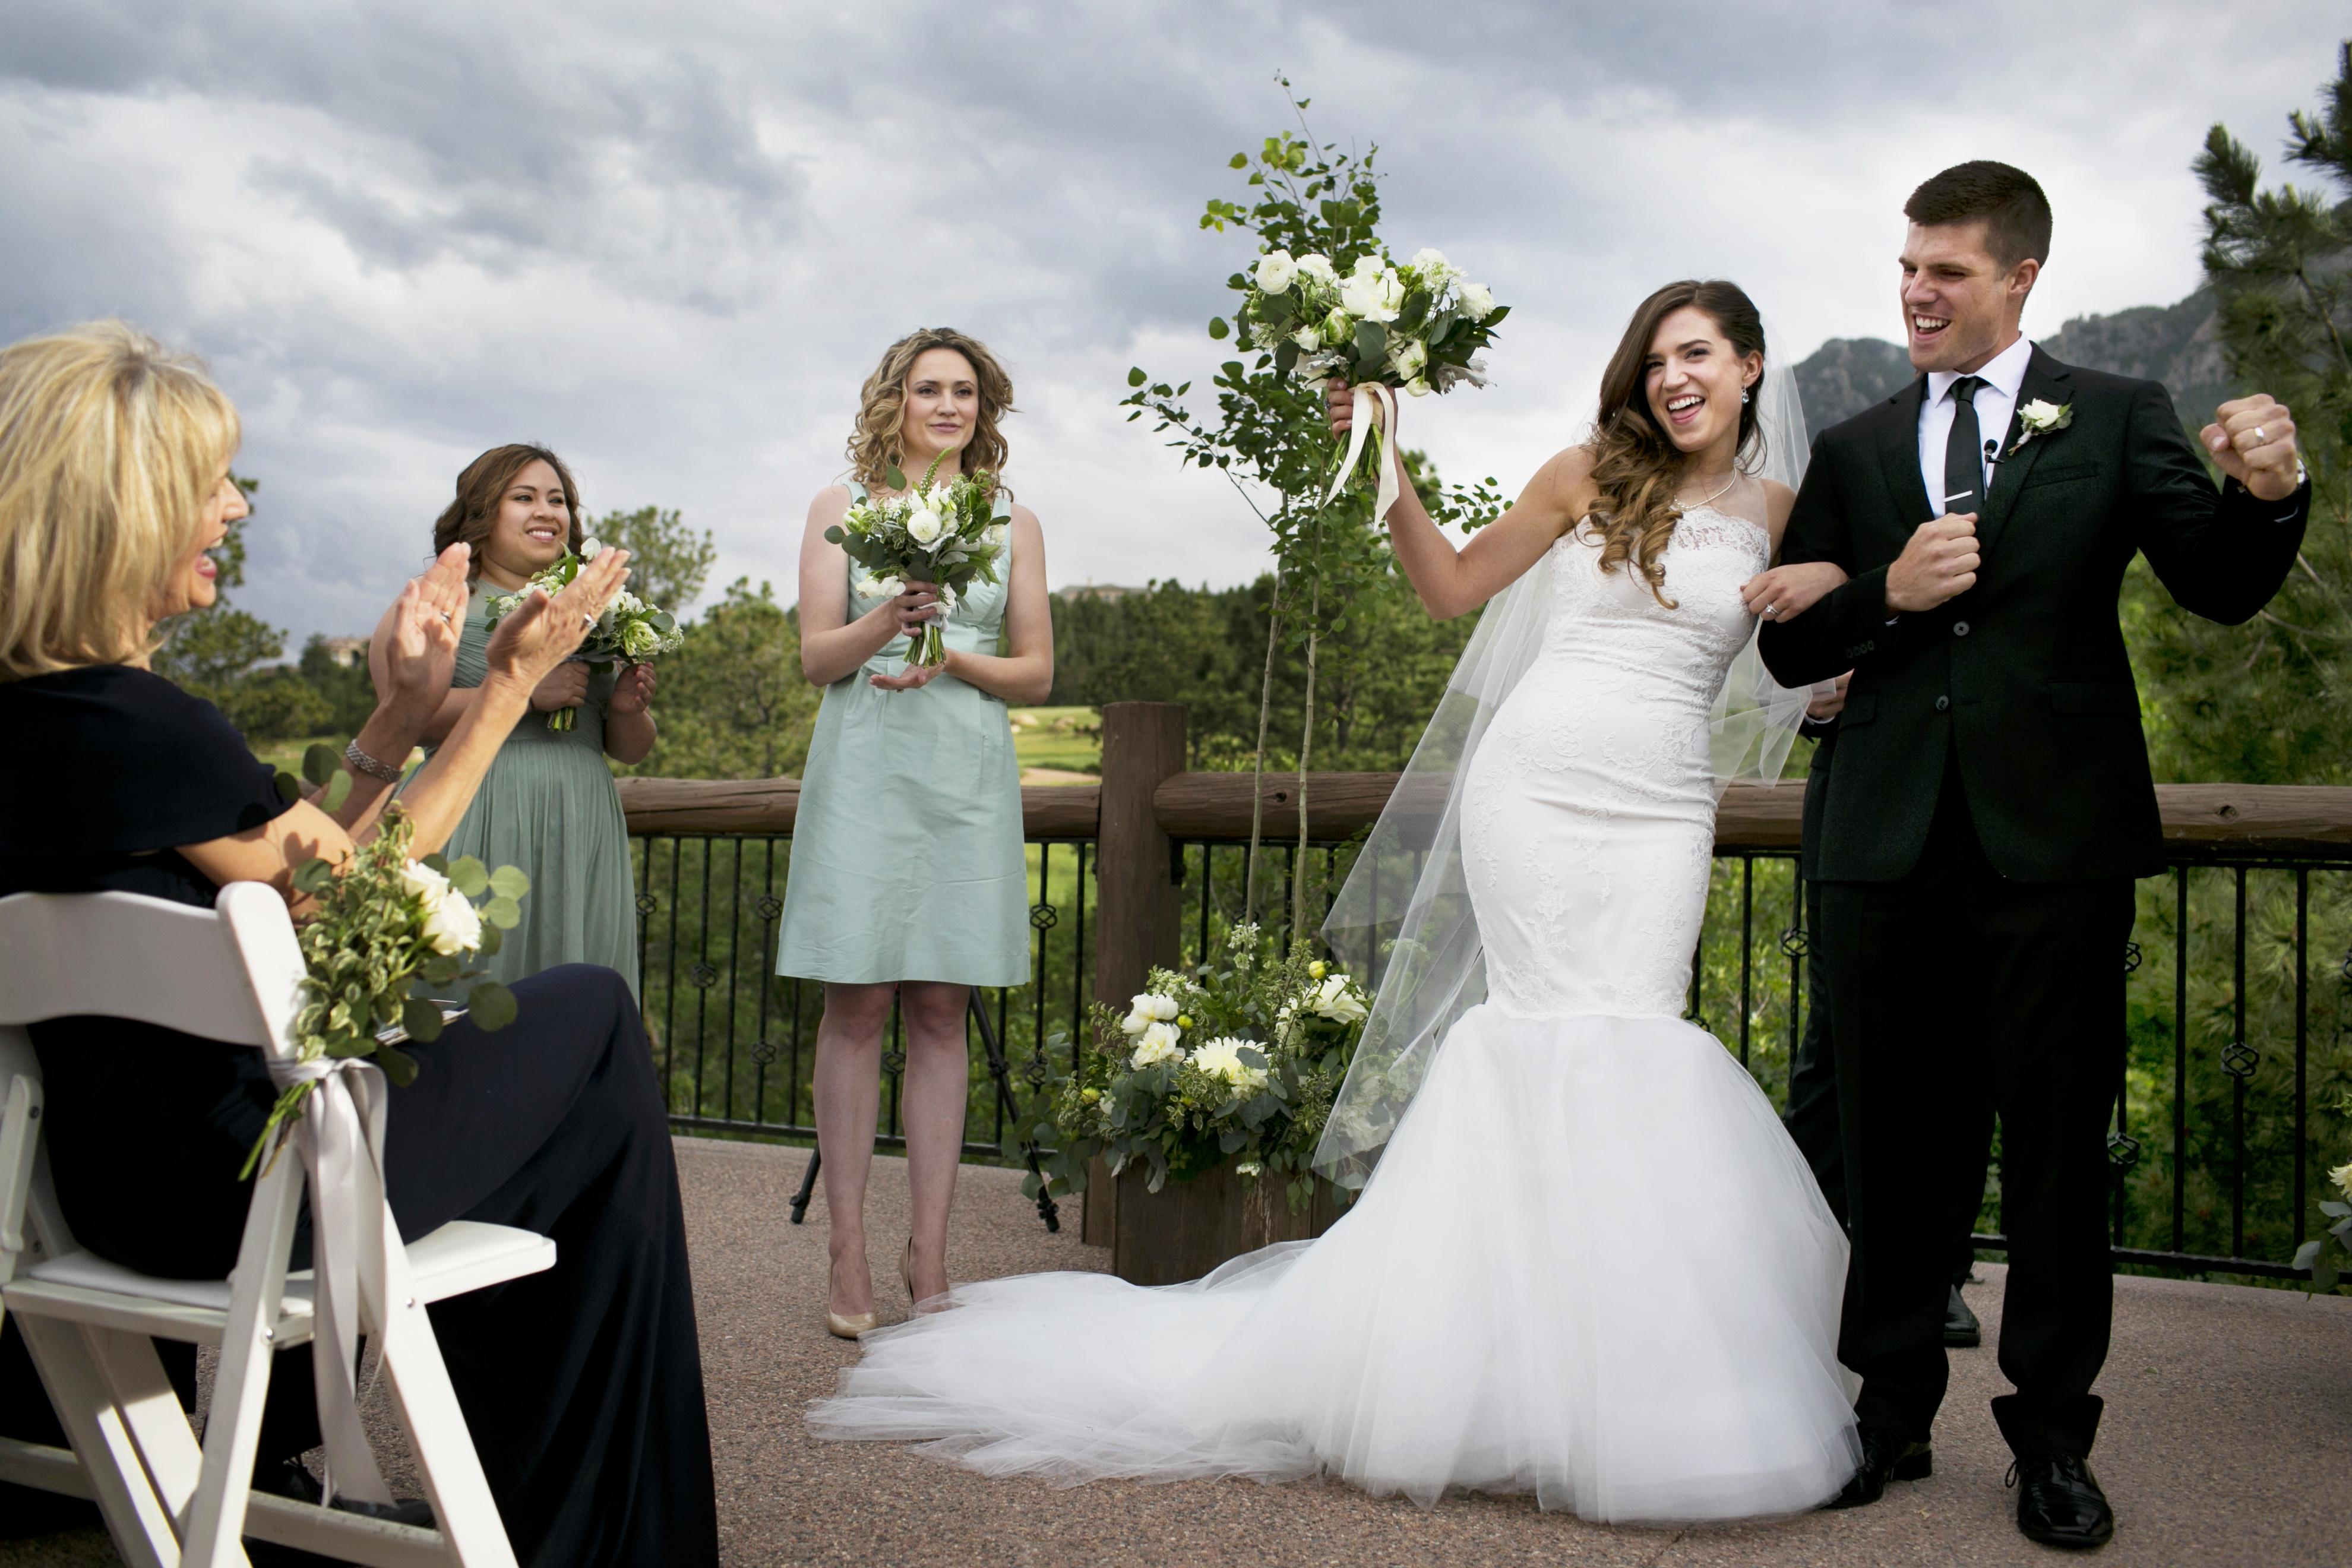 katrinawallace-com-colorado-wedding-photographer